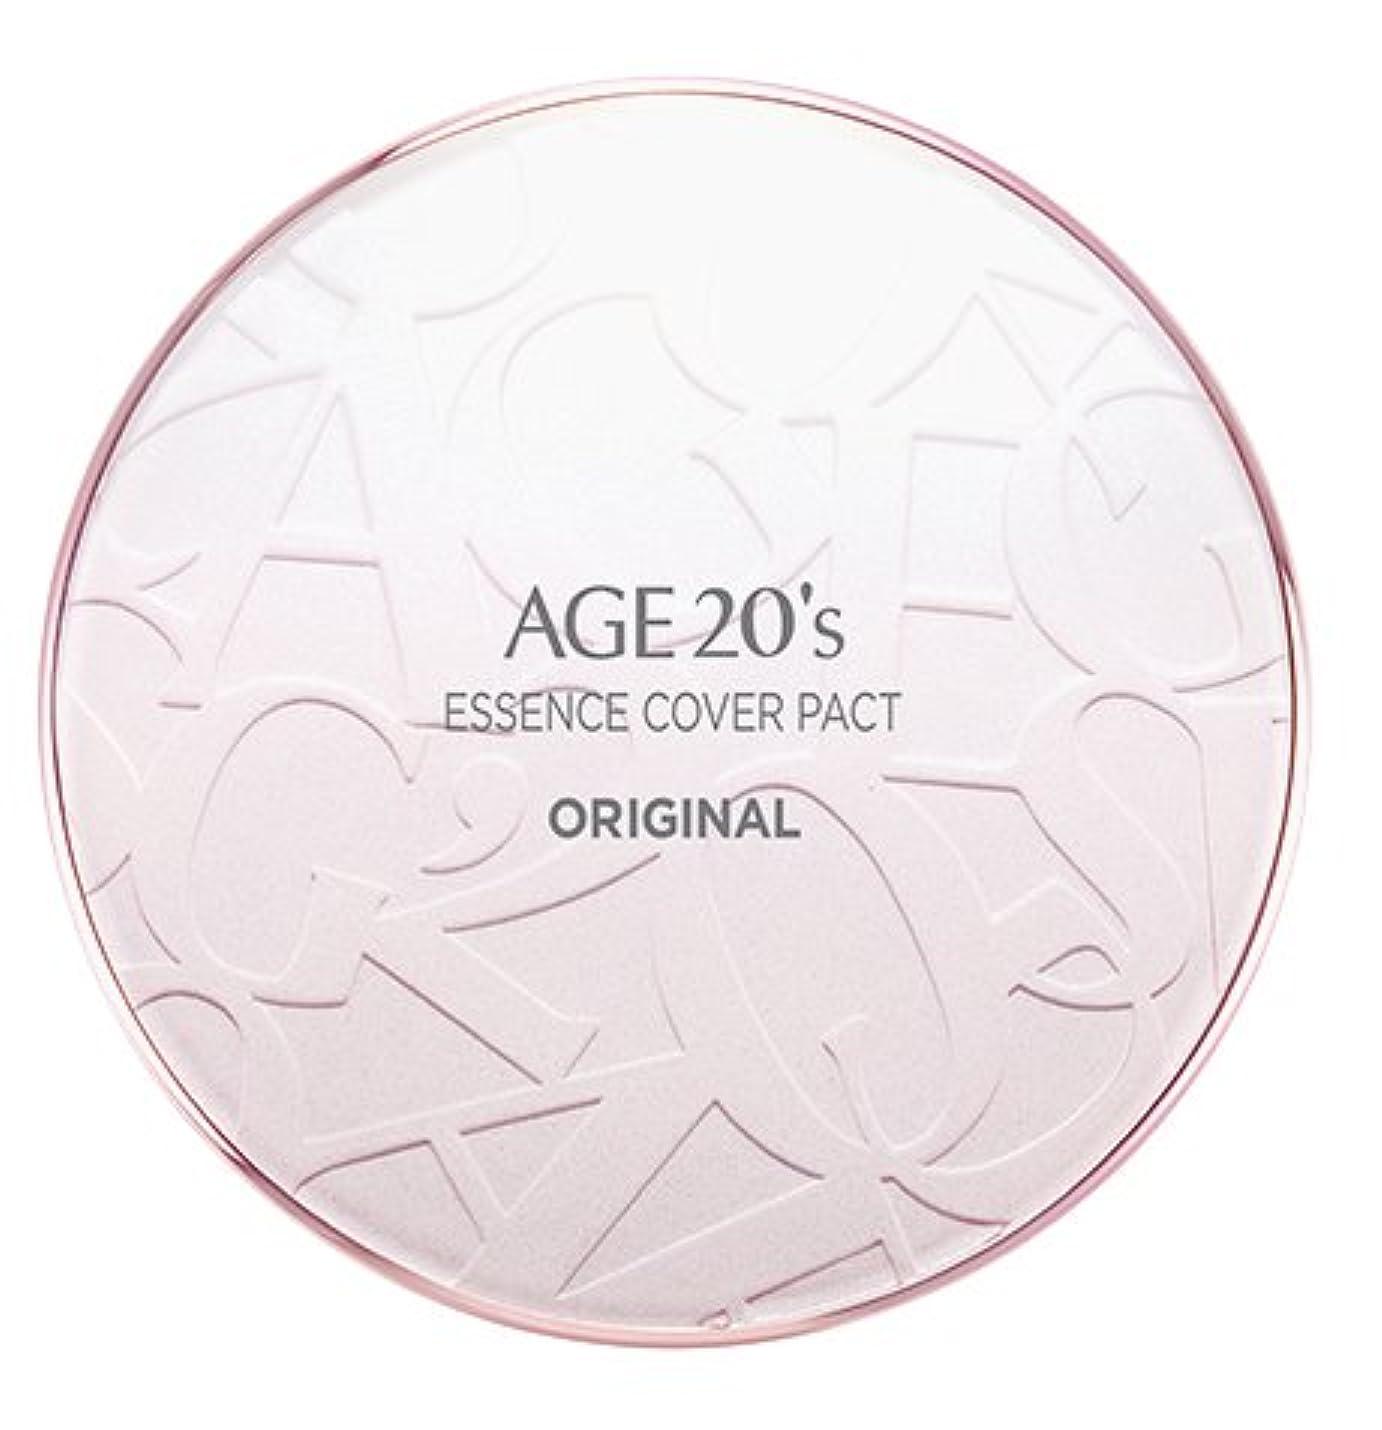 汚れたの慈悲で描くAGE 20's Essence Cover Pact Original [Pink Latte] 12.5g + Refill 12.5g (#21)/エイジ 20's エッセンス カバー パクト オリジナル [ピンクラテ...